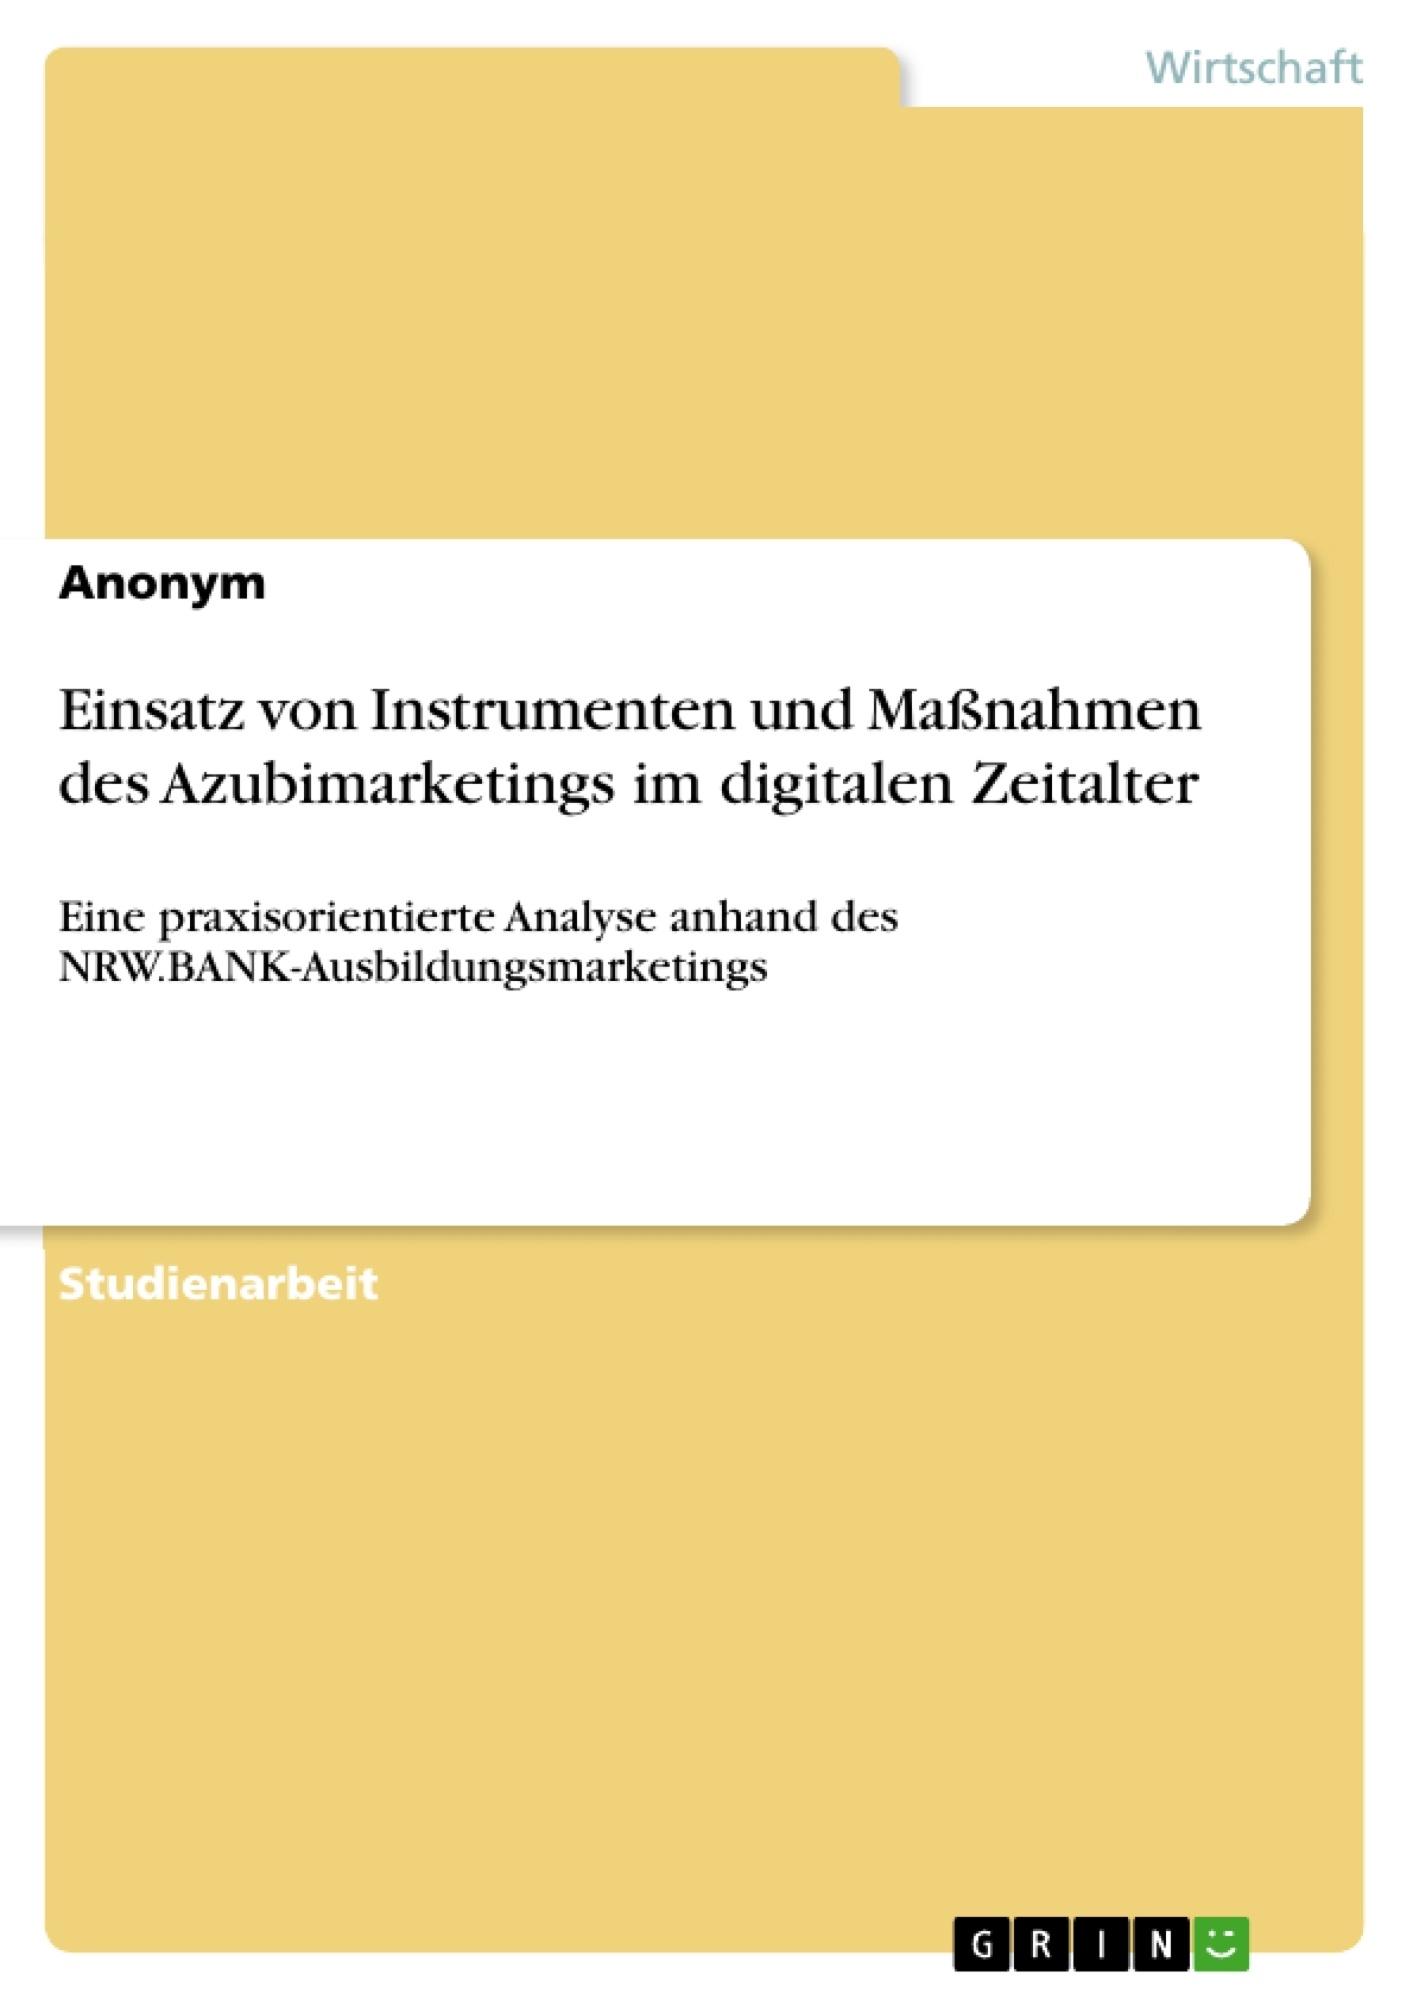 Titel: Einsatz von Instrumenten und Maßnahmen des Azubimarketings im digitalen Zeitalter